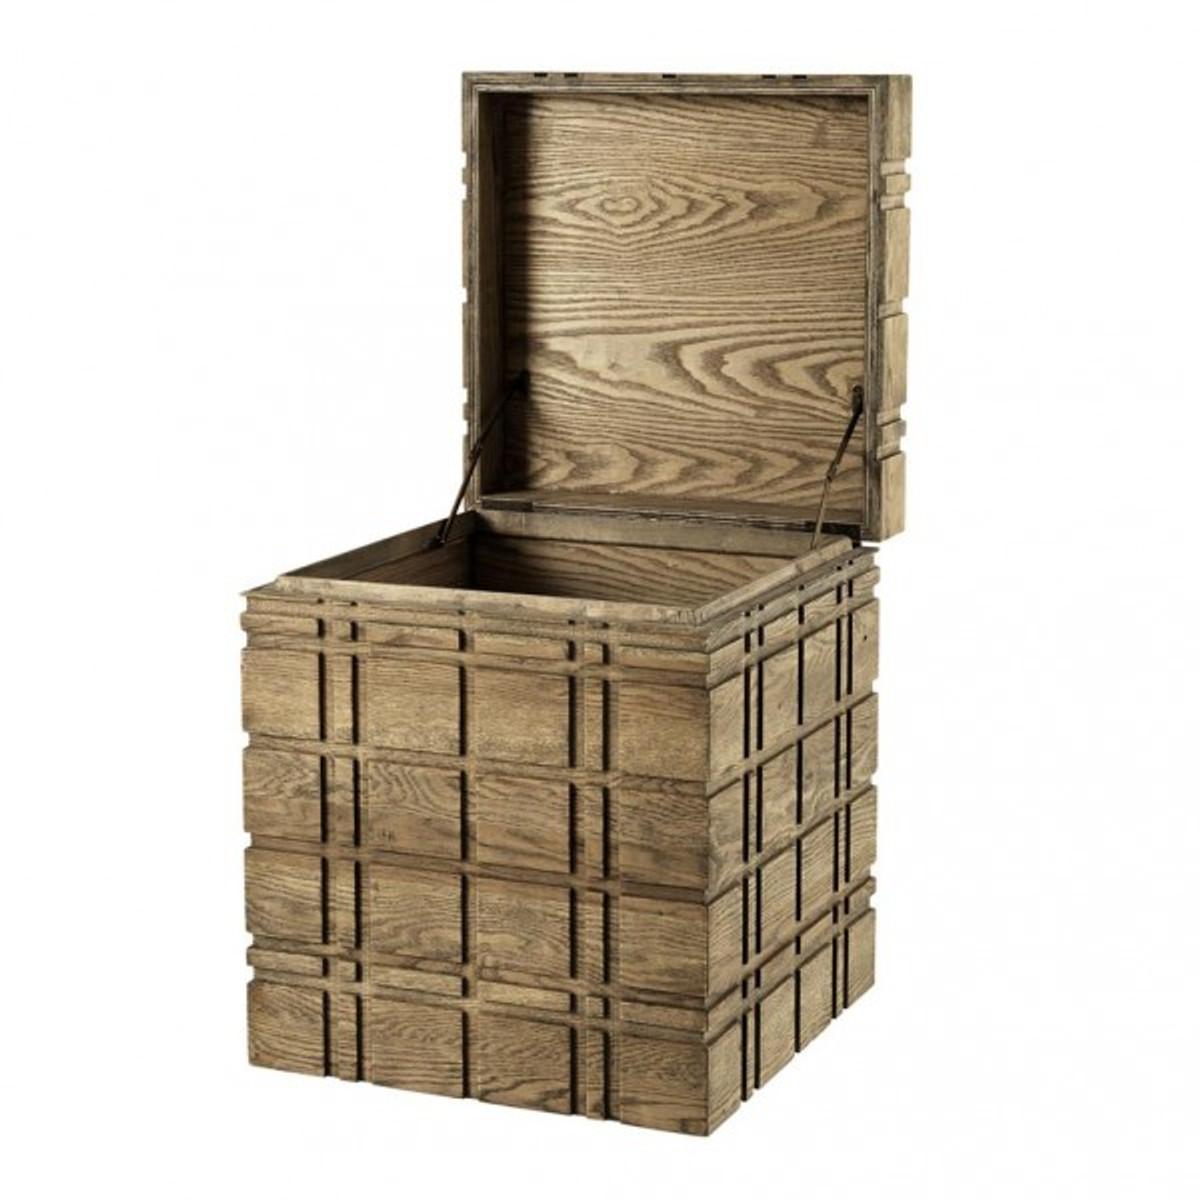 casa padrino luxus schrank truhe holz eiche art deco barock jugendstil truhenschrank kommoden. Black Bedroom Furniture Sets. Home Design Ideas